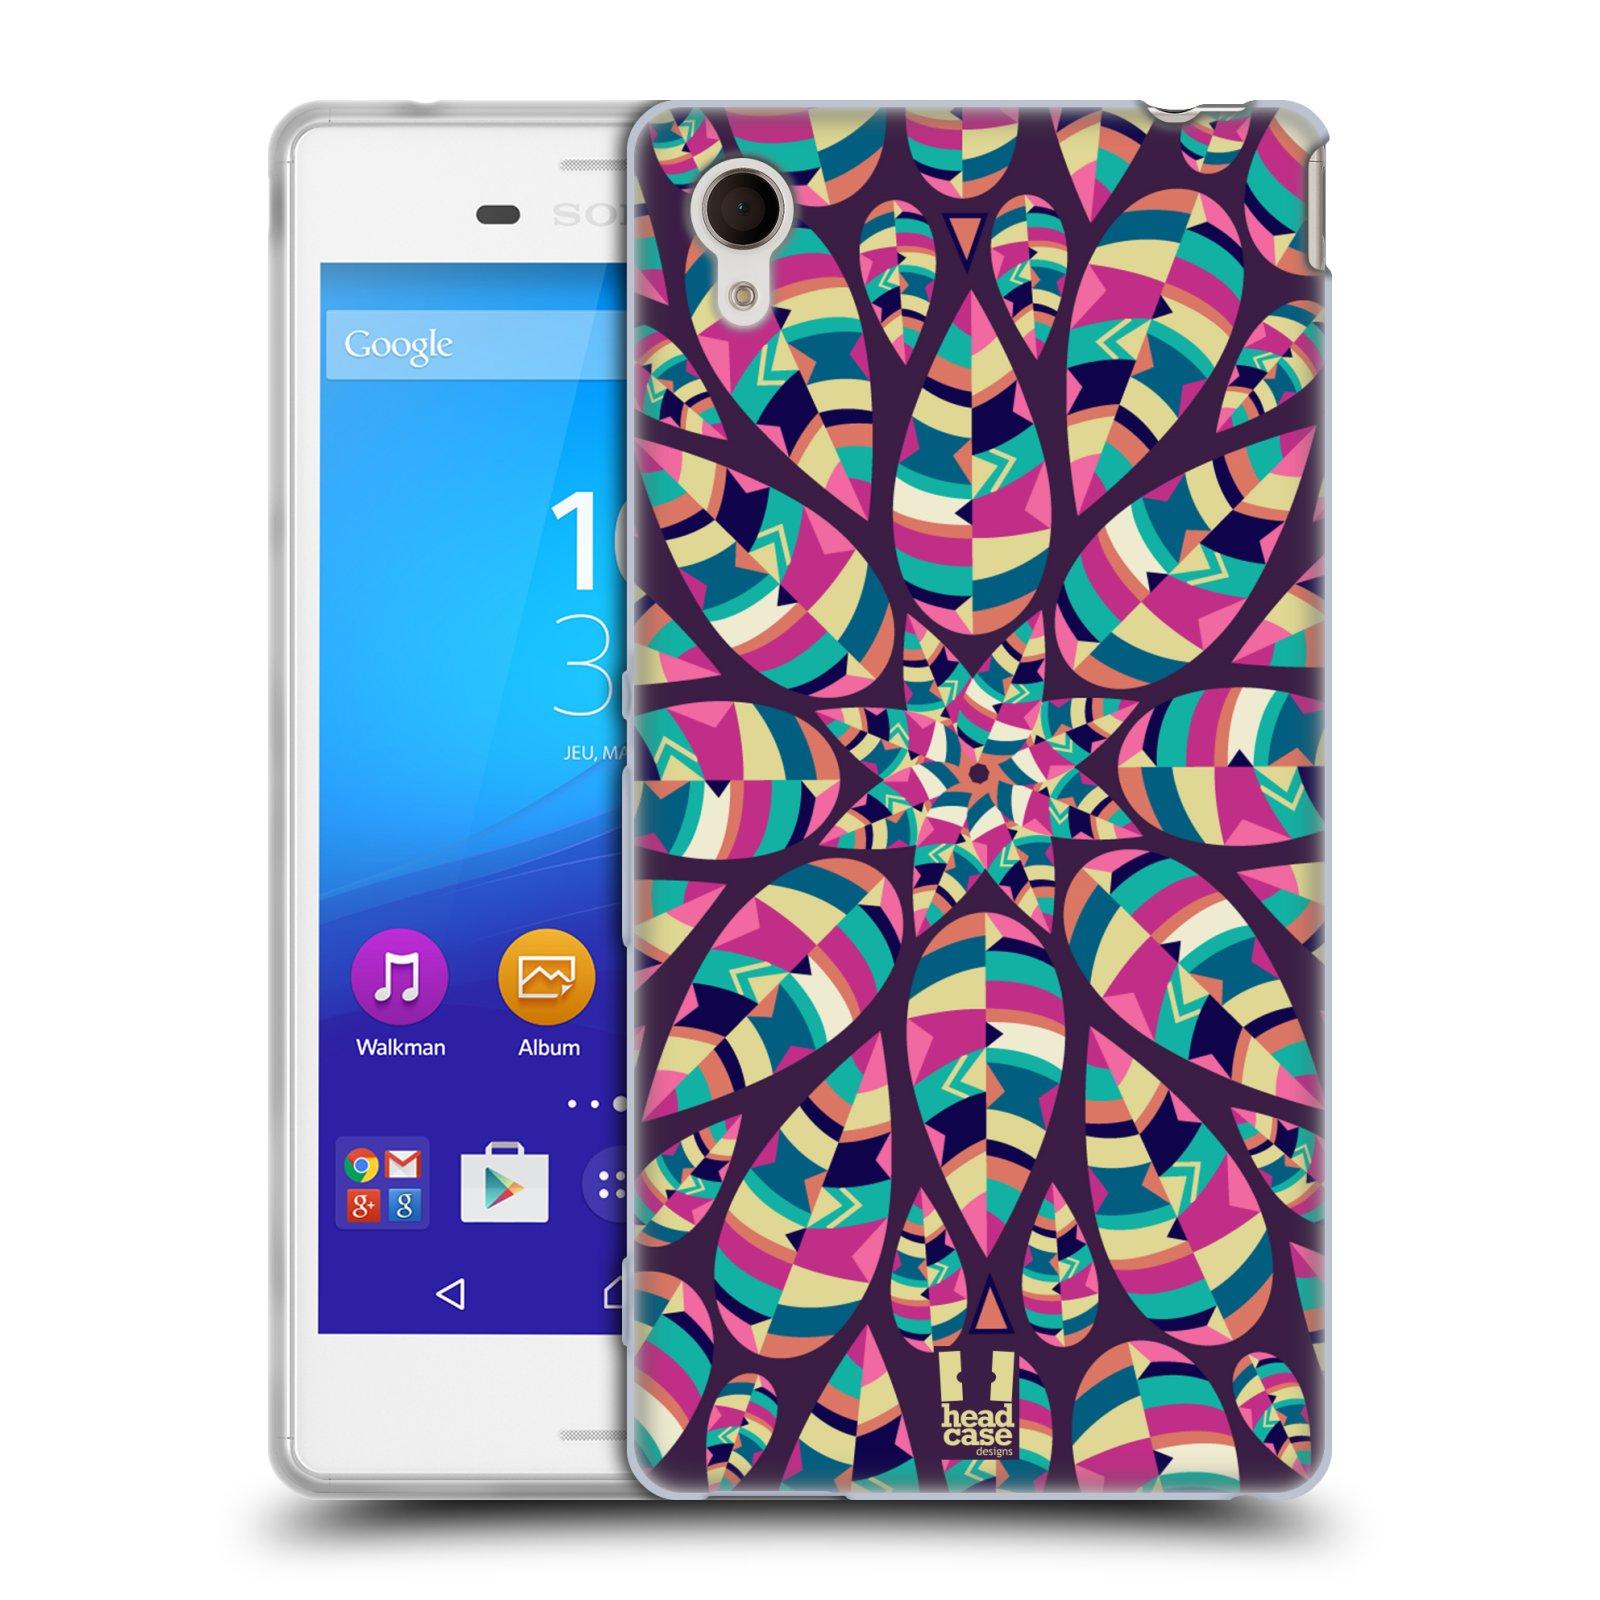 Silikonové pouzdro na mobil Sony Xperia M4 Aqua E2303 HEAD CASE Shine (Silikonový kryt či obal na mobilní telefon Sony Xperia M4 Aqua a M4 Aqua Dual SIM)